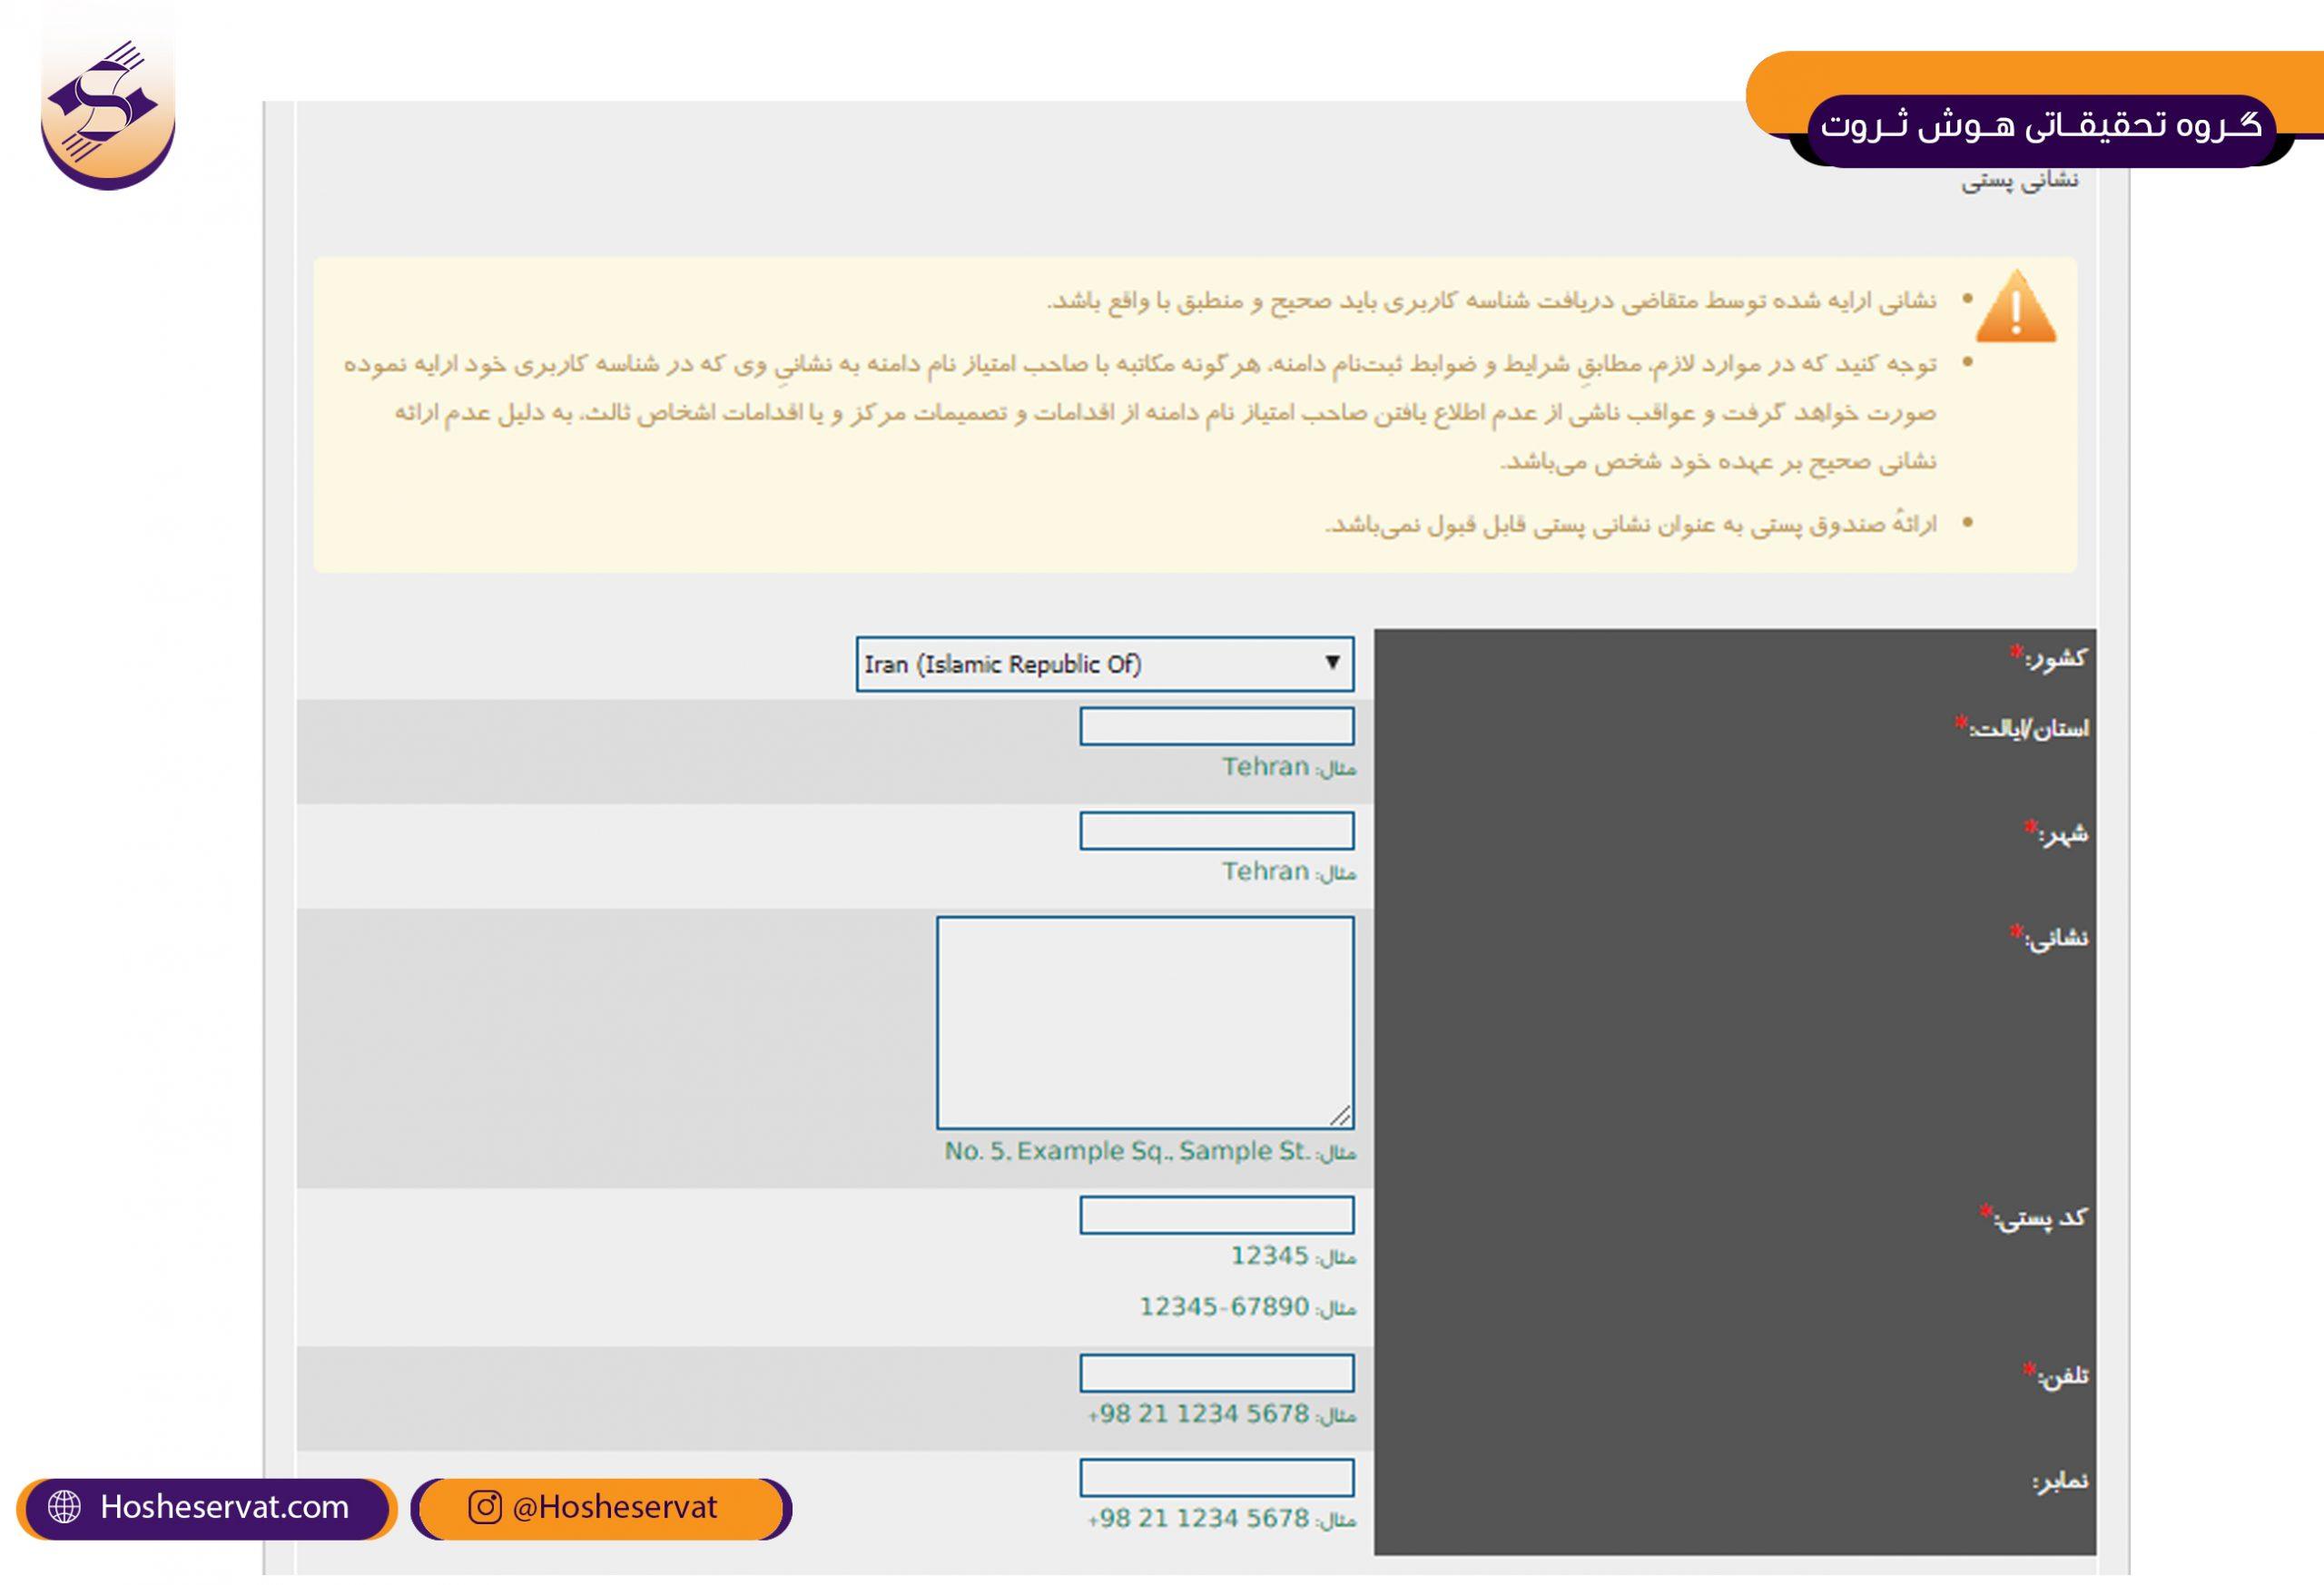 ثبت اطلاعات شخصی در ایرنیک